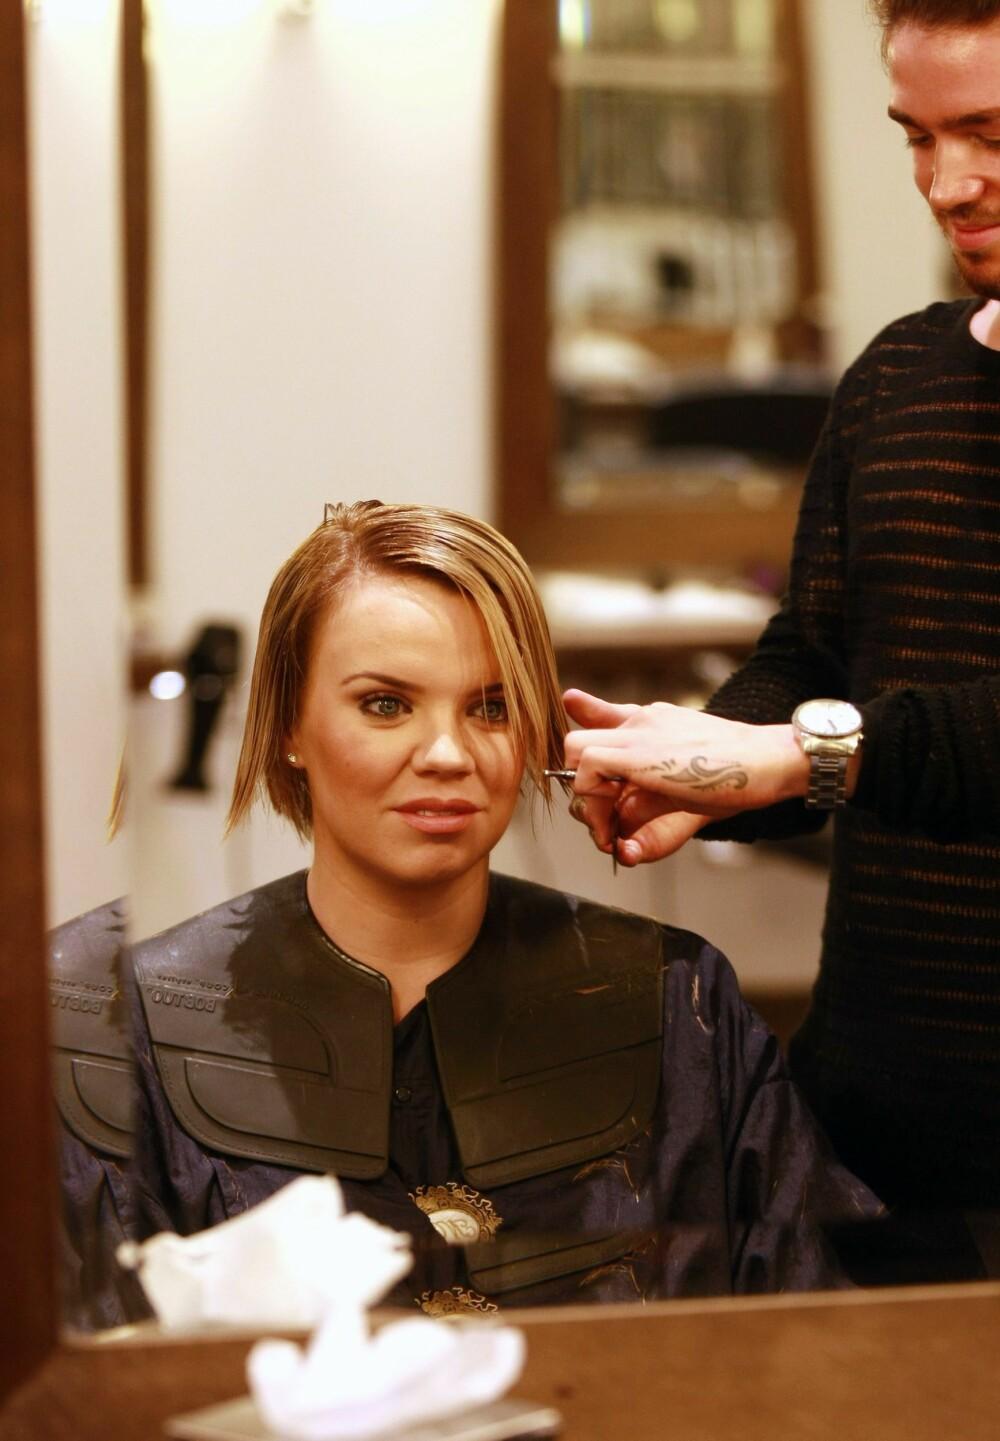 HÅRKLIPP: Før du klipper deg til en ny frisyre, kan det i forkant være lurt å finne ut hva som kler ansiktsformen din.